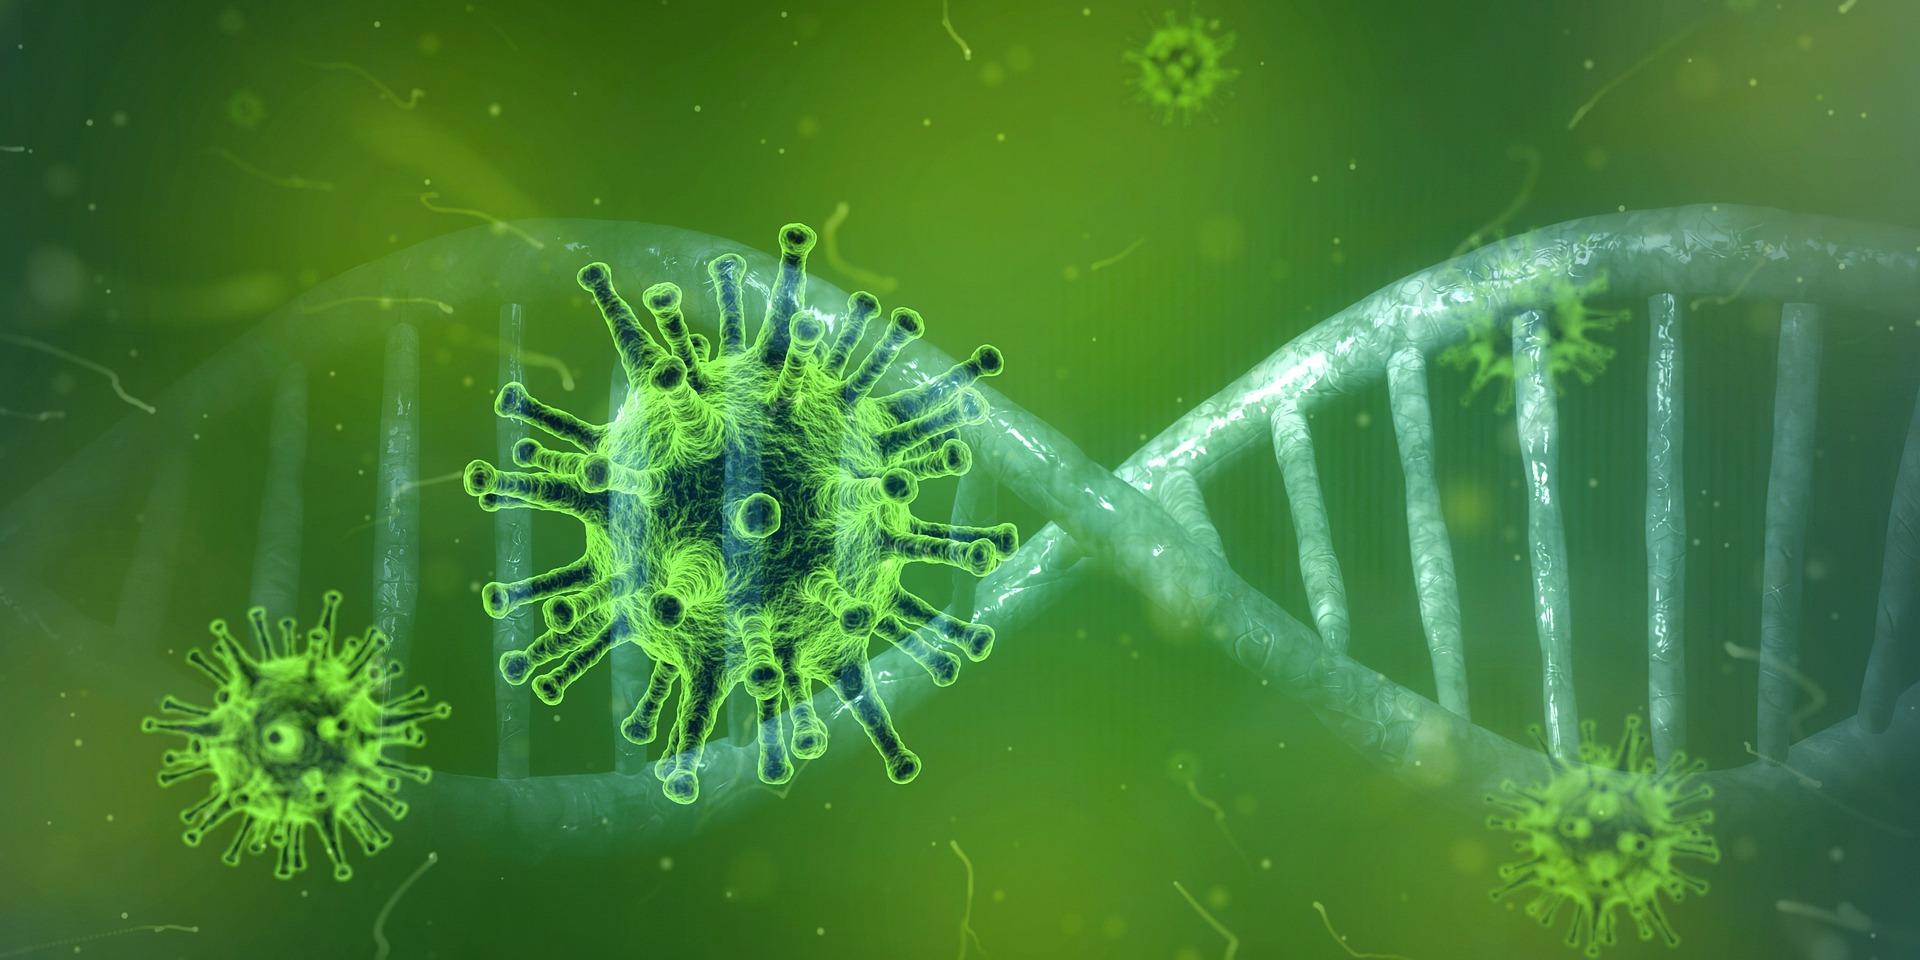 Вирусолог Базыкин заявил, что высокая заразность коронавируса опаснее его способности убивать